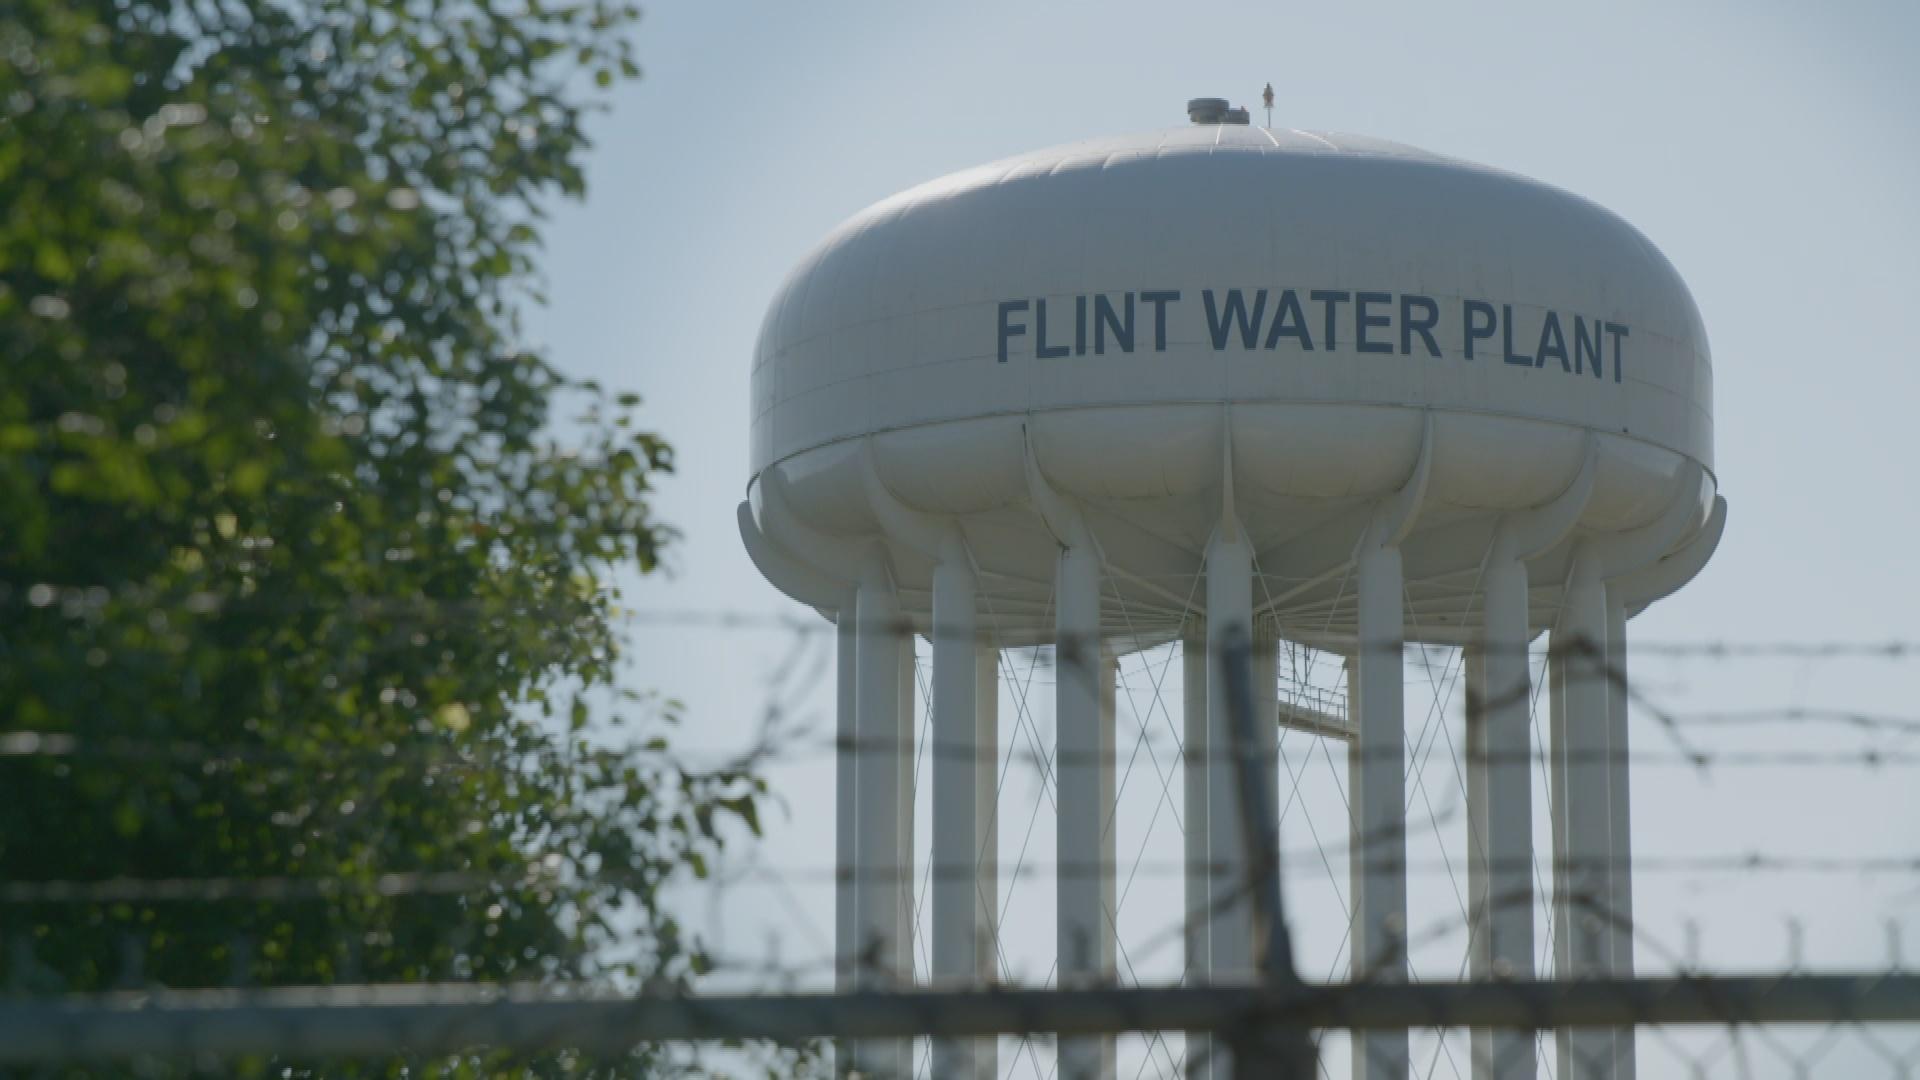 Flint's Deadly Water